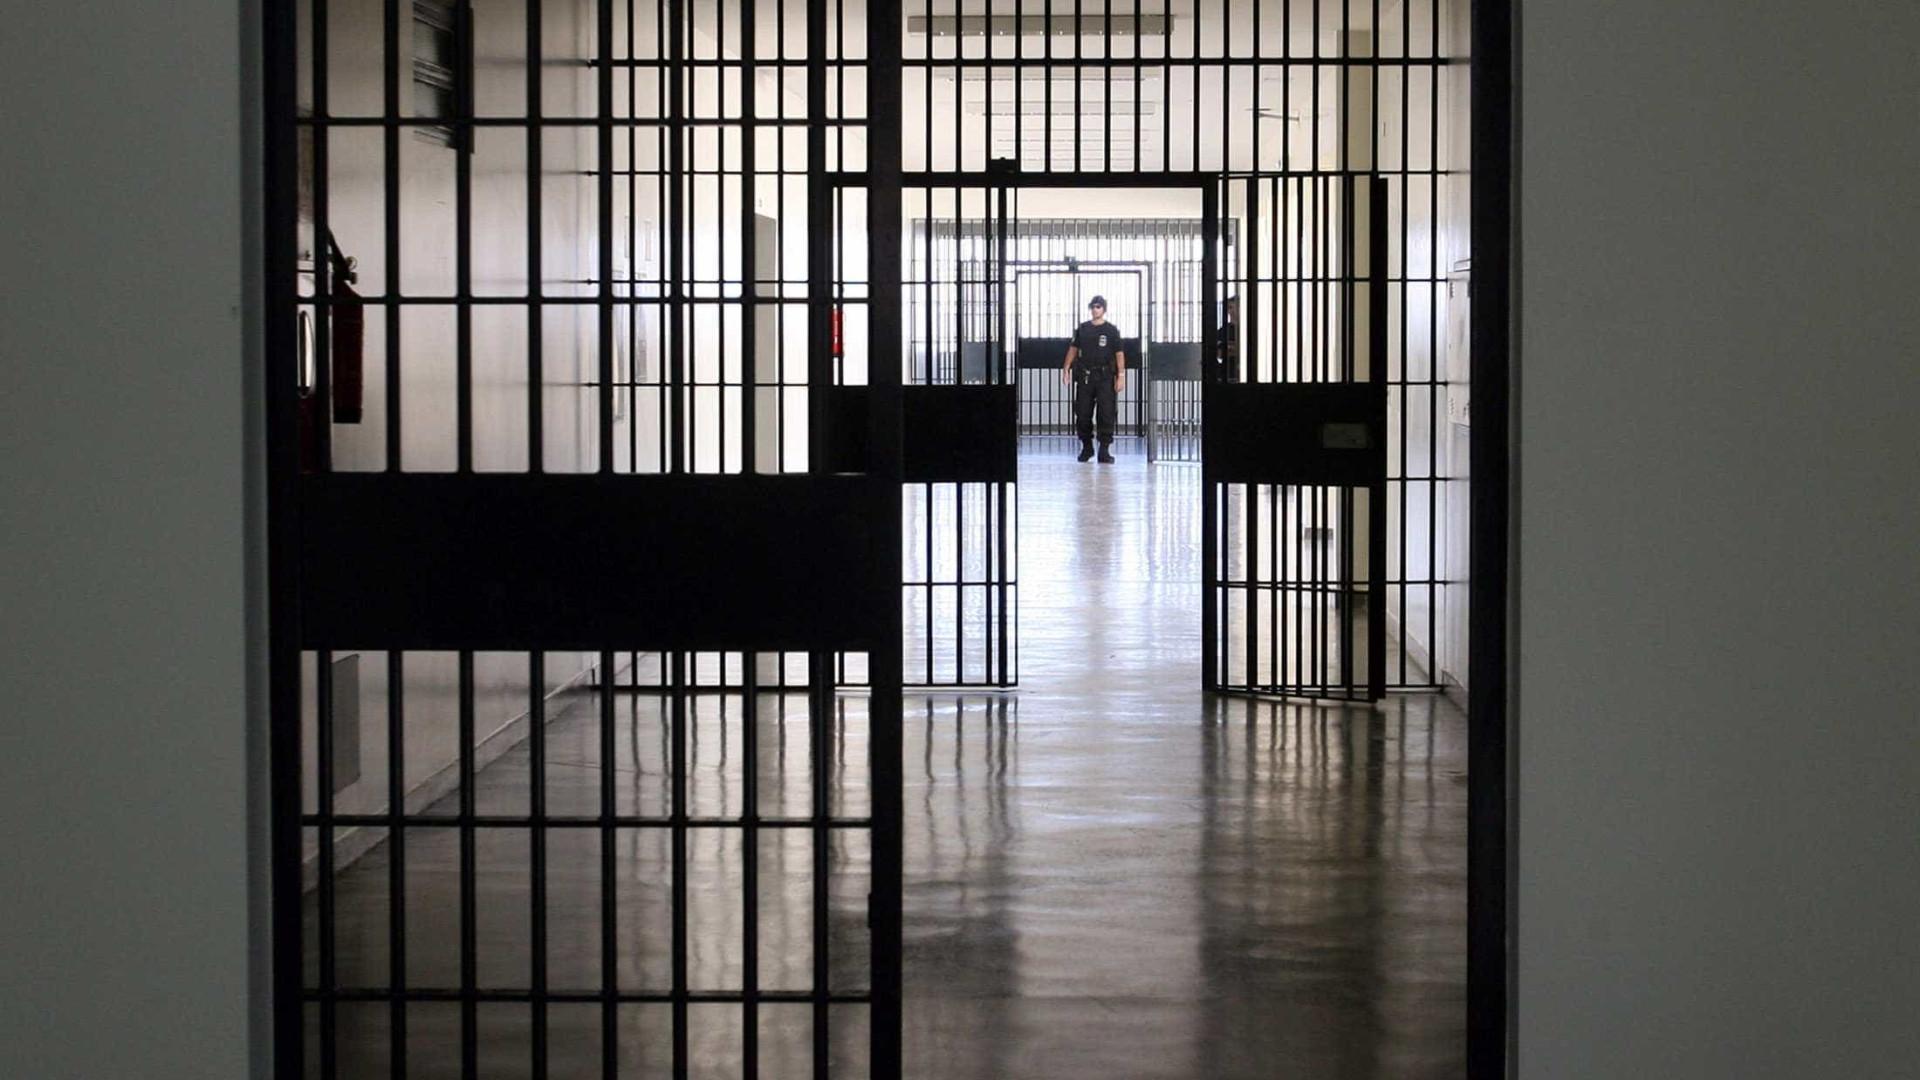 Menino de 12 anos é encontrado em cela de pedófilo dentro de prisão